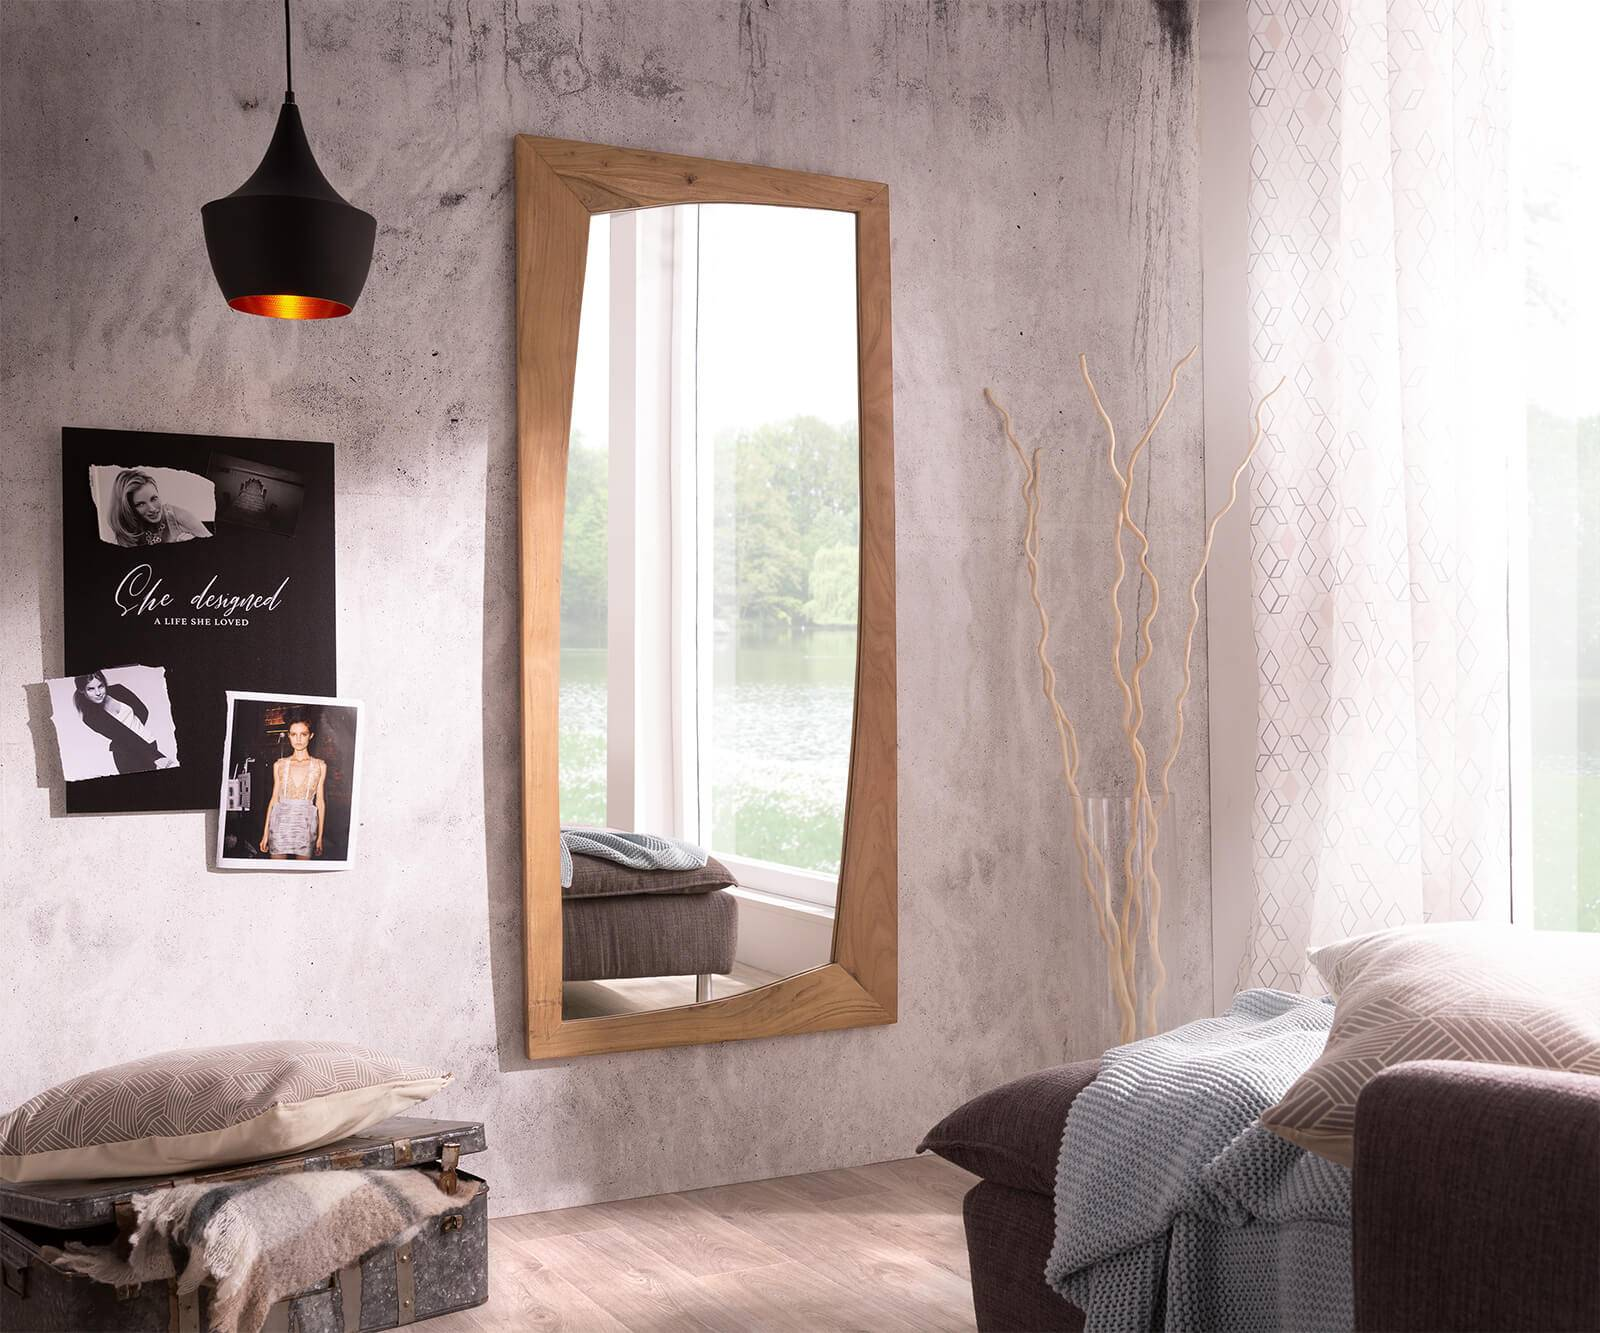 DELIFE Miroir-mural Wyatt 160x70 cm acacia nature